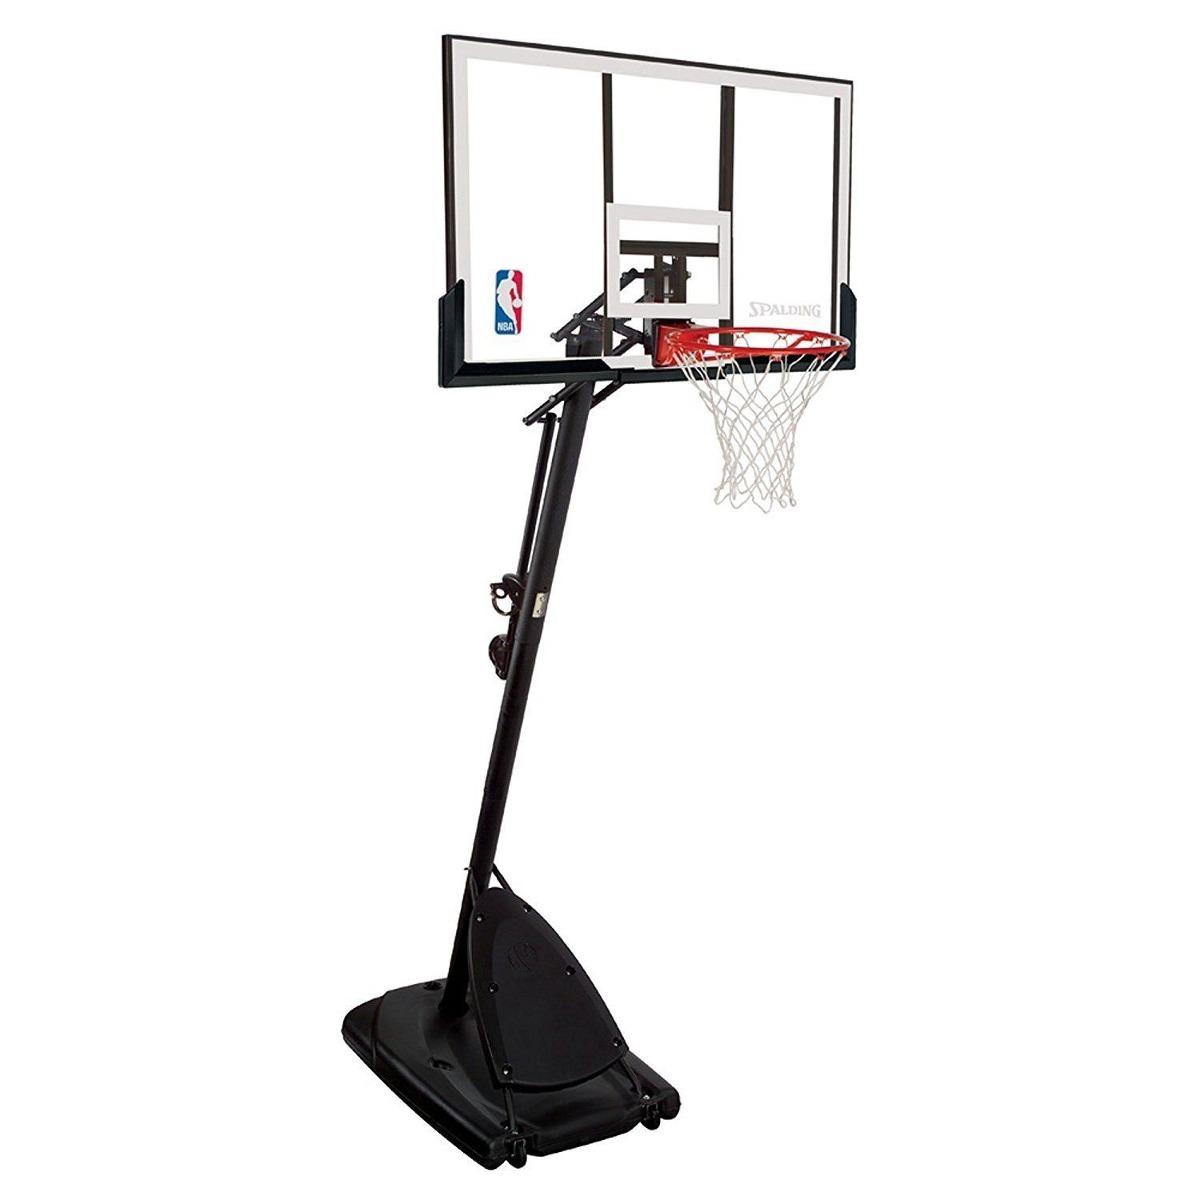 495512b604 spalding 54 \ sistema de baloncesto portátil tablero de ar. Cargando zoom.